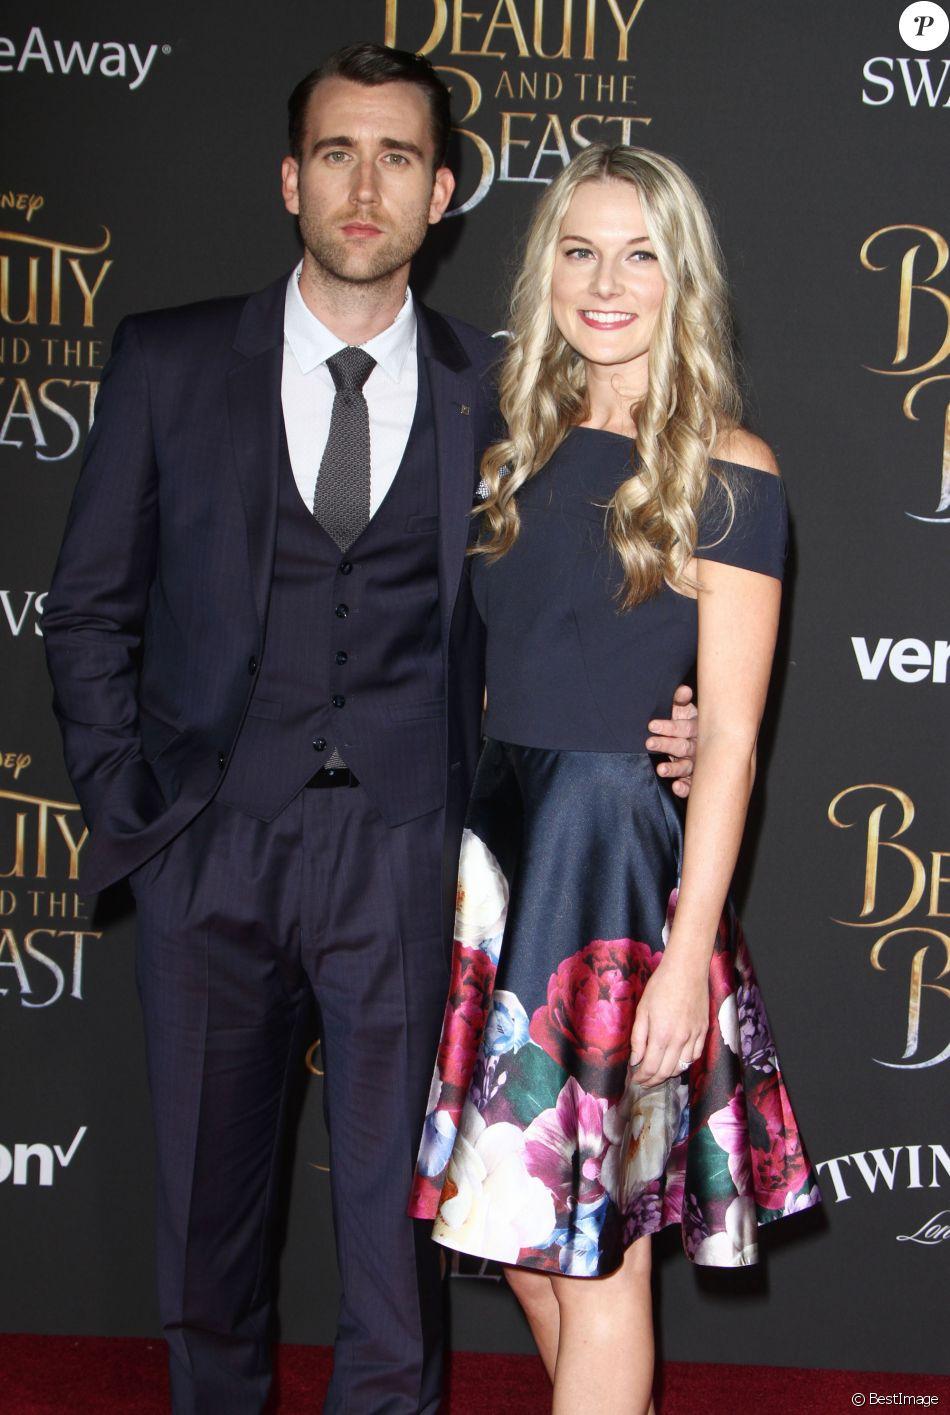 Matthew Lewis et sa fiancée Angela Jones - Avant-première de La Belle et la Bête au théâtre El Capitan à Hollywood, le 2 mars 2017